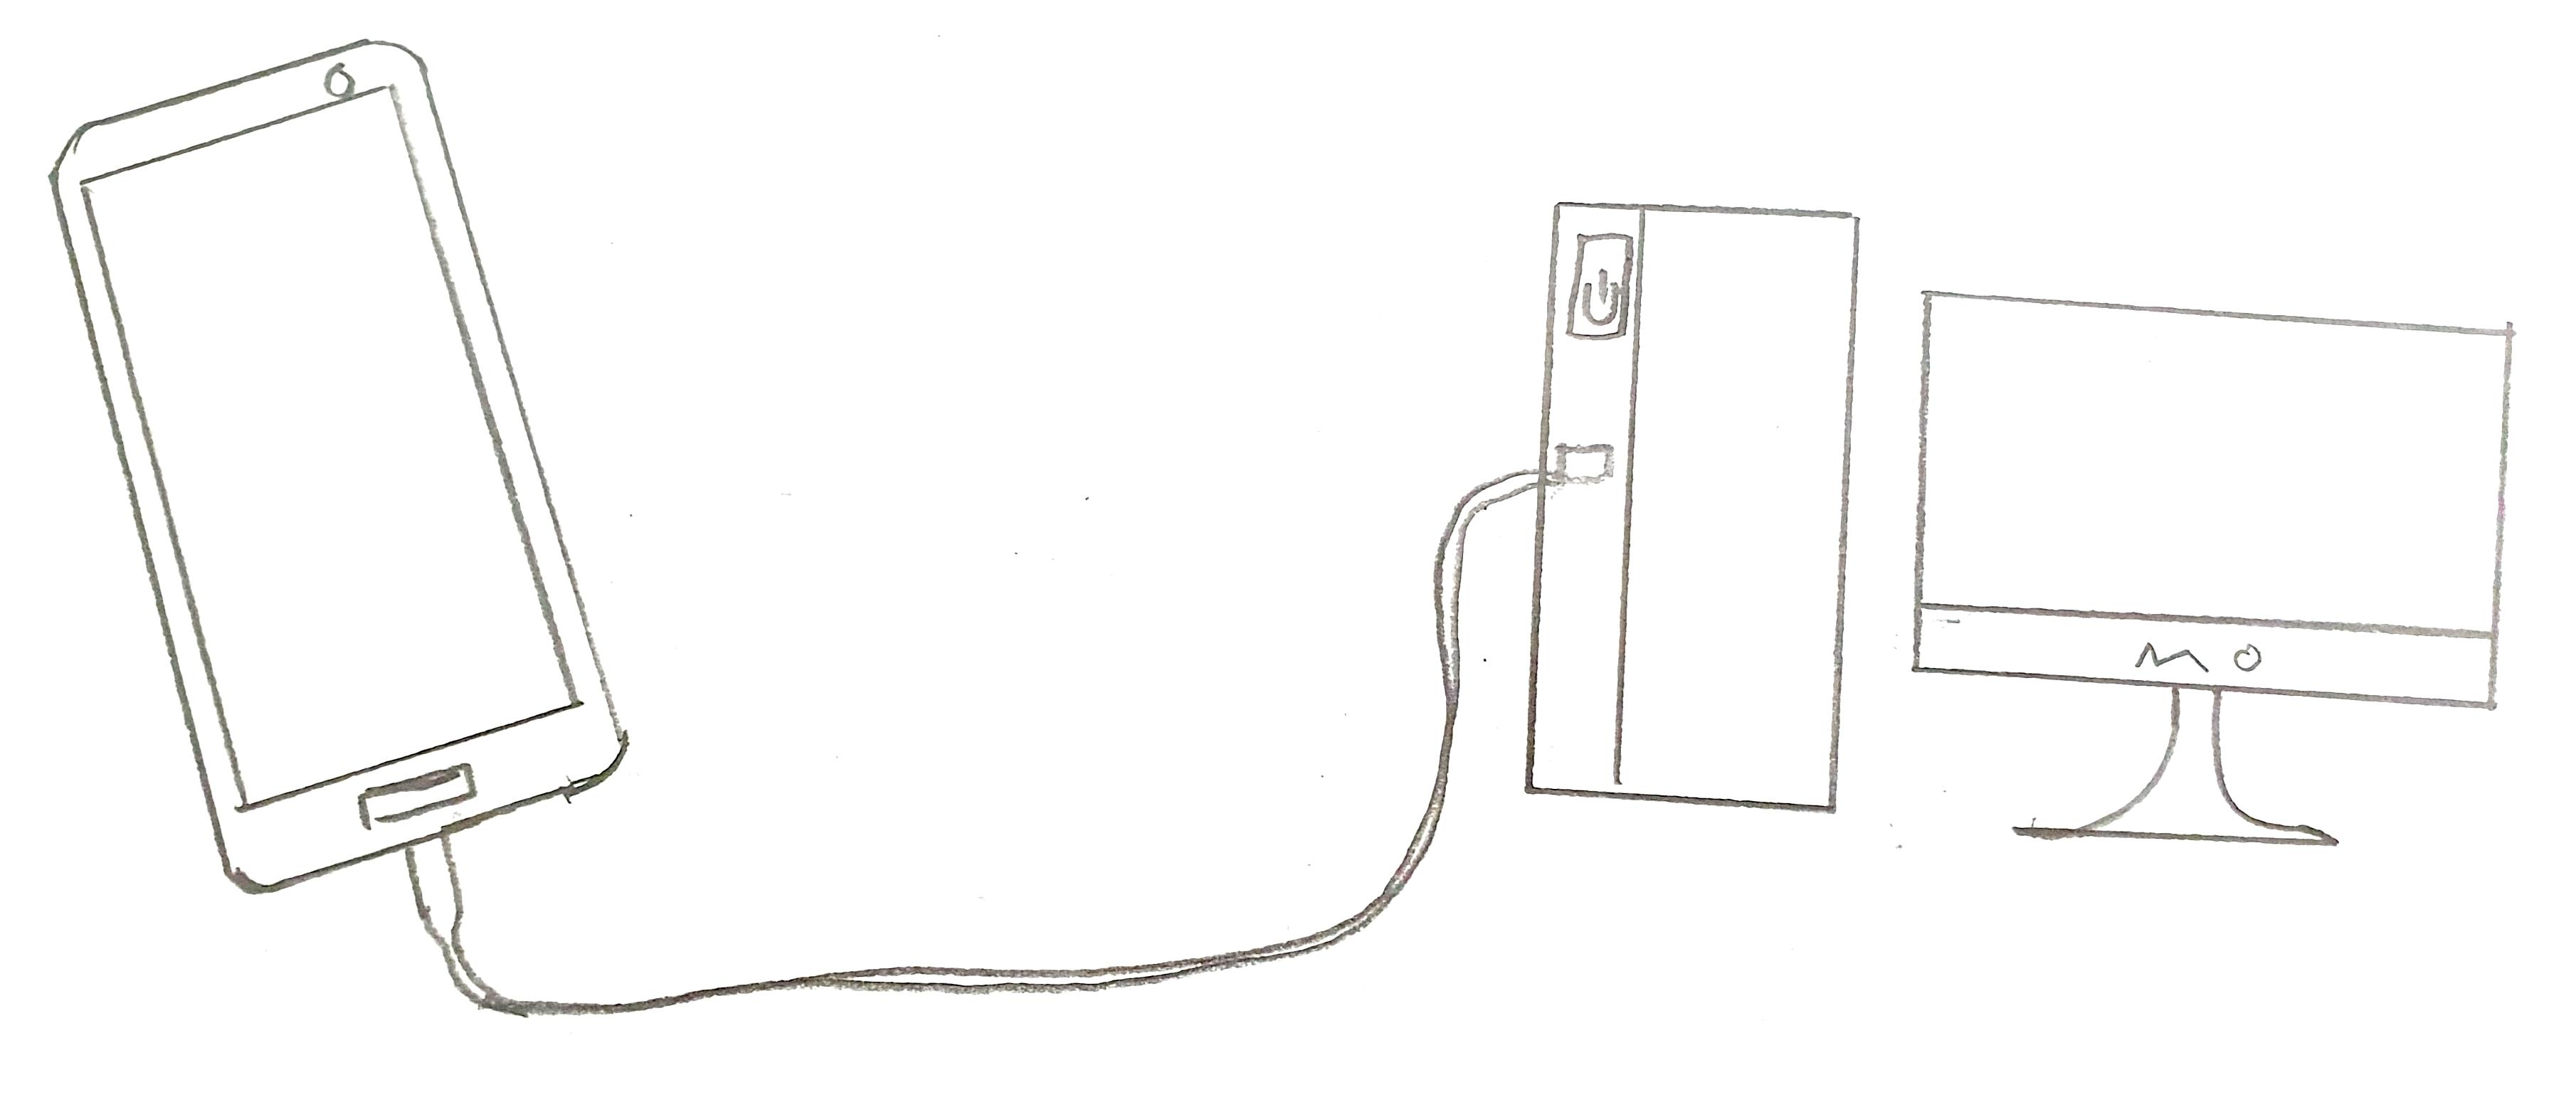 Erfahren Sie Schritt für Schritt, wie man Dateien auf dem PC sichert. Als Schnittstelle benötigen Sie zusätzlich lediglich ein USB Kabel.